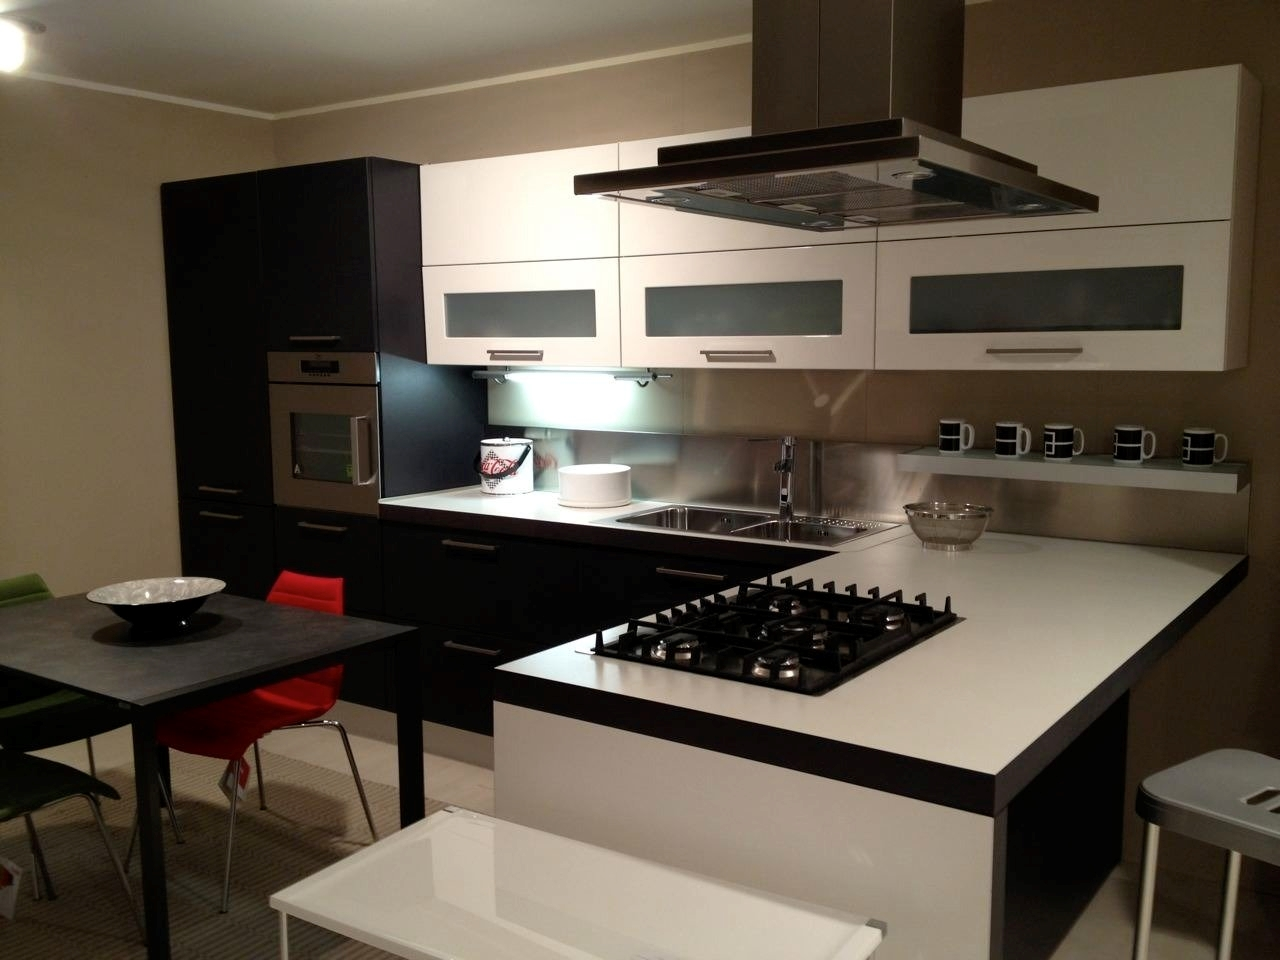 Cucina Con Elettrodomestici Bianchi : Cucina Seta di G&D - Cucine a ...